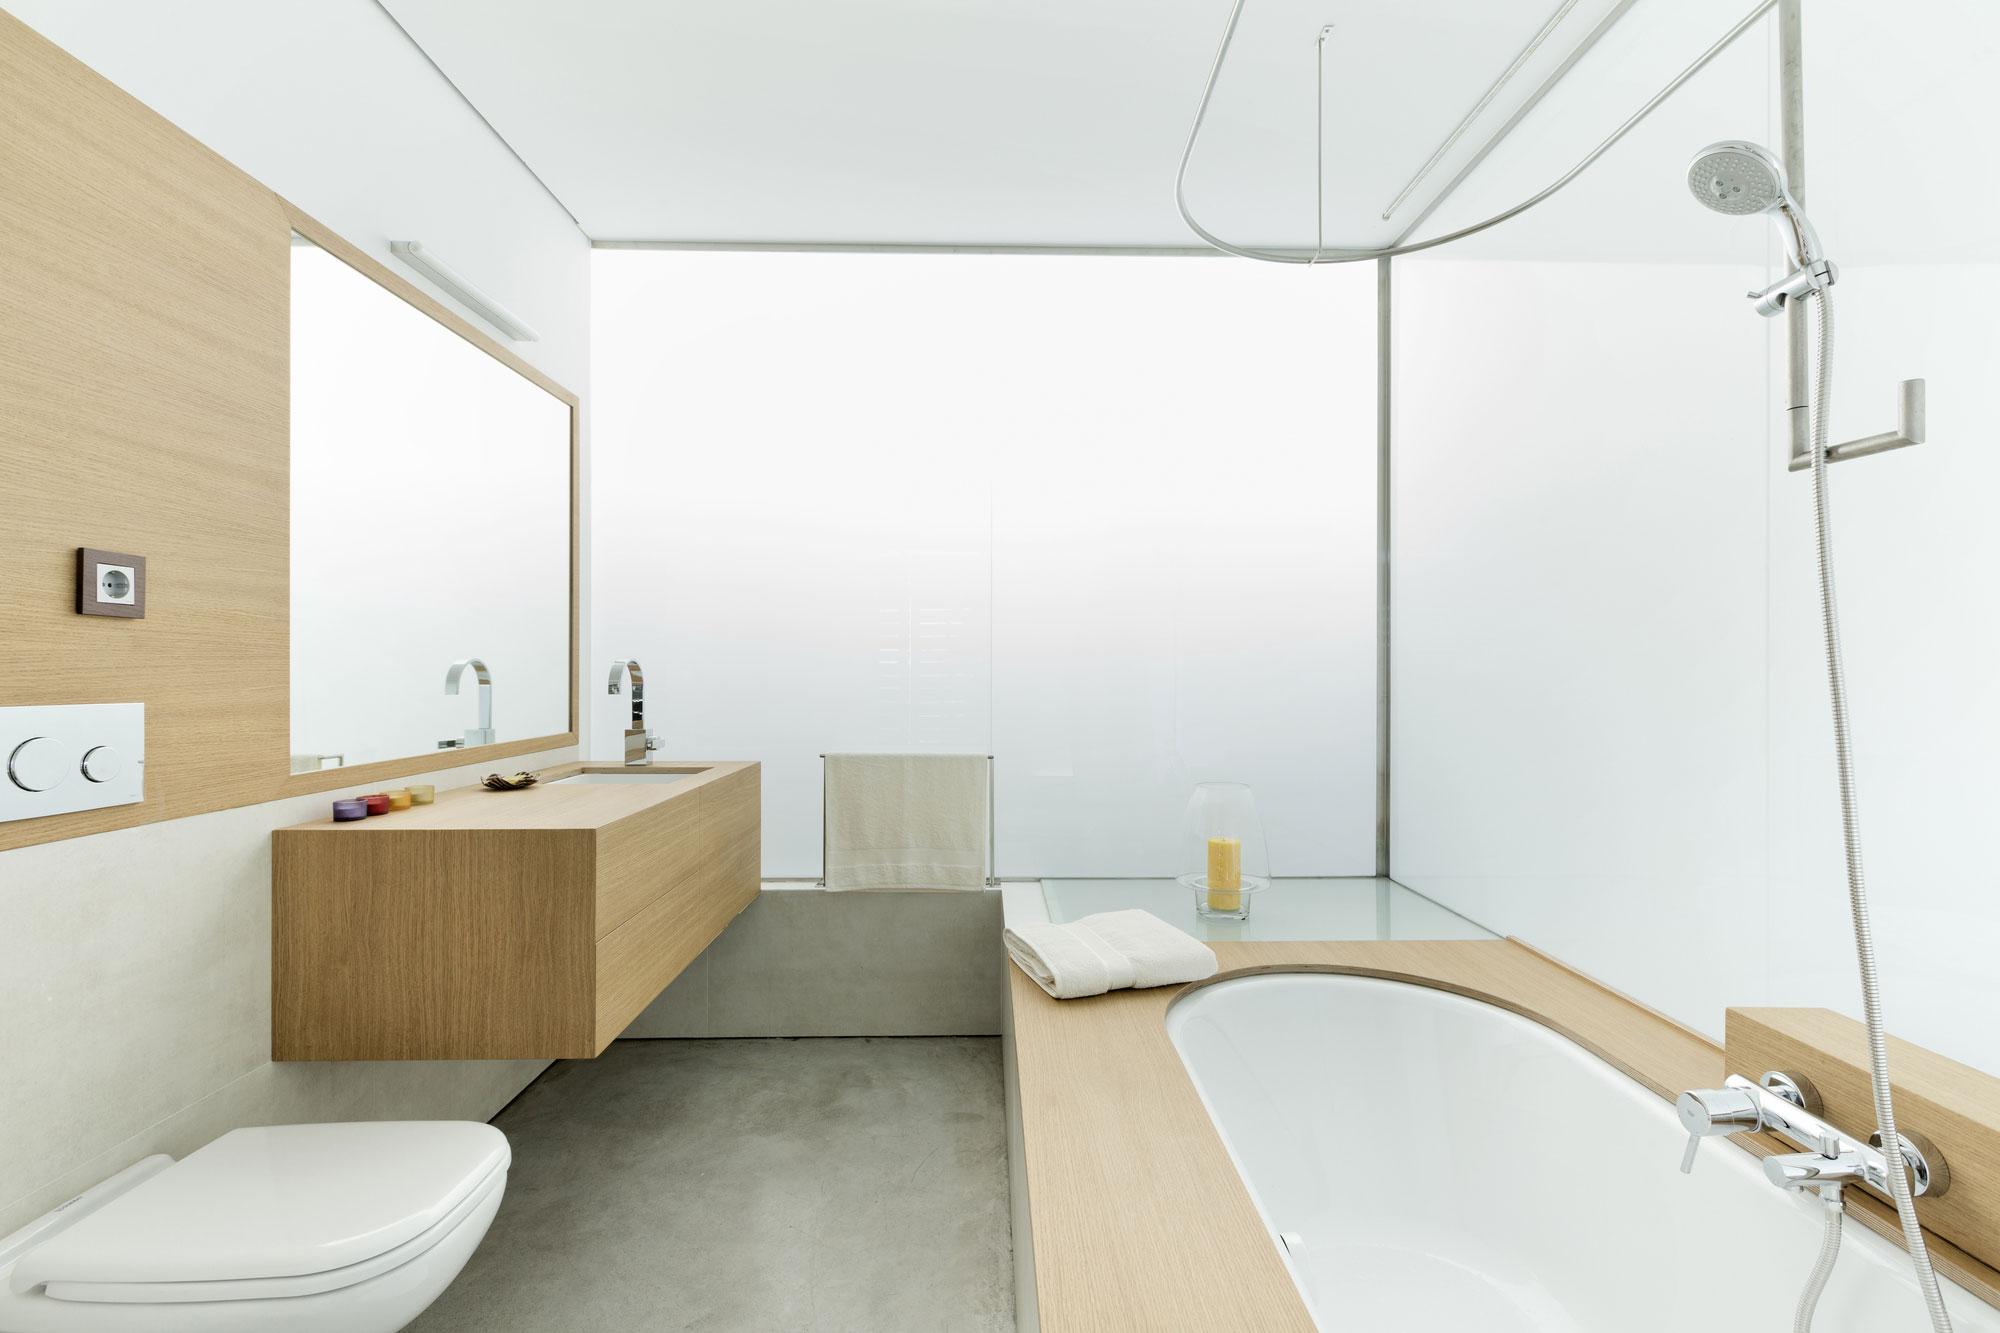 Интерьер маленькой ванной комнаты - фото 15